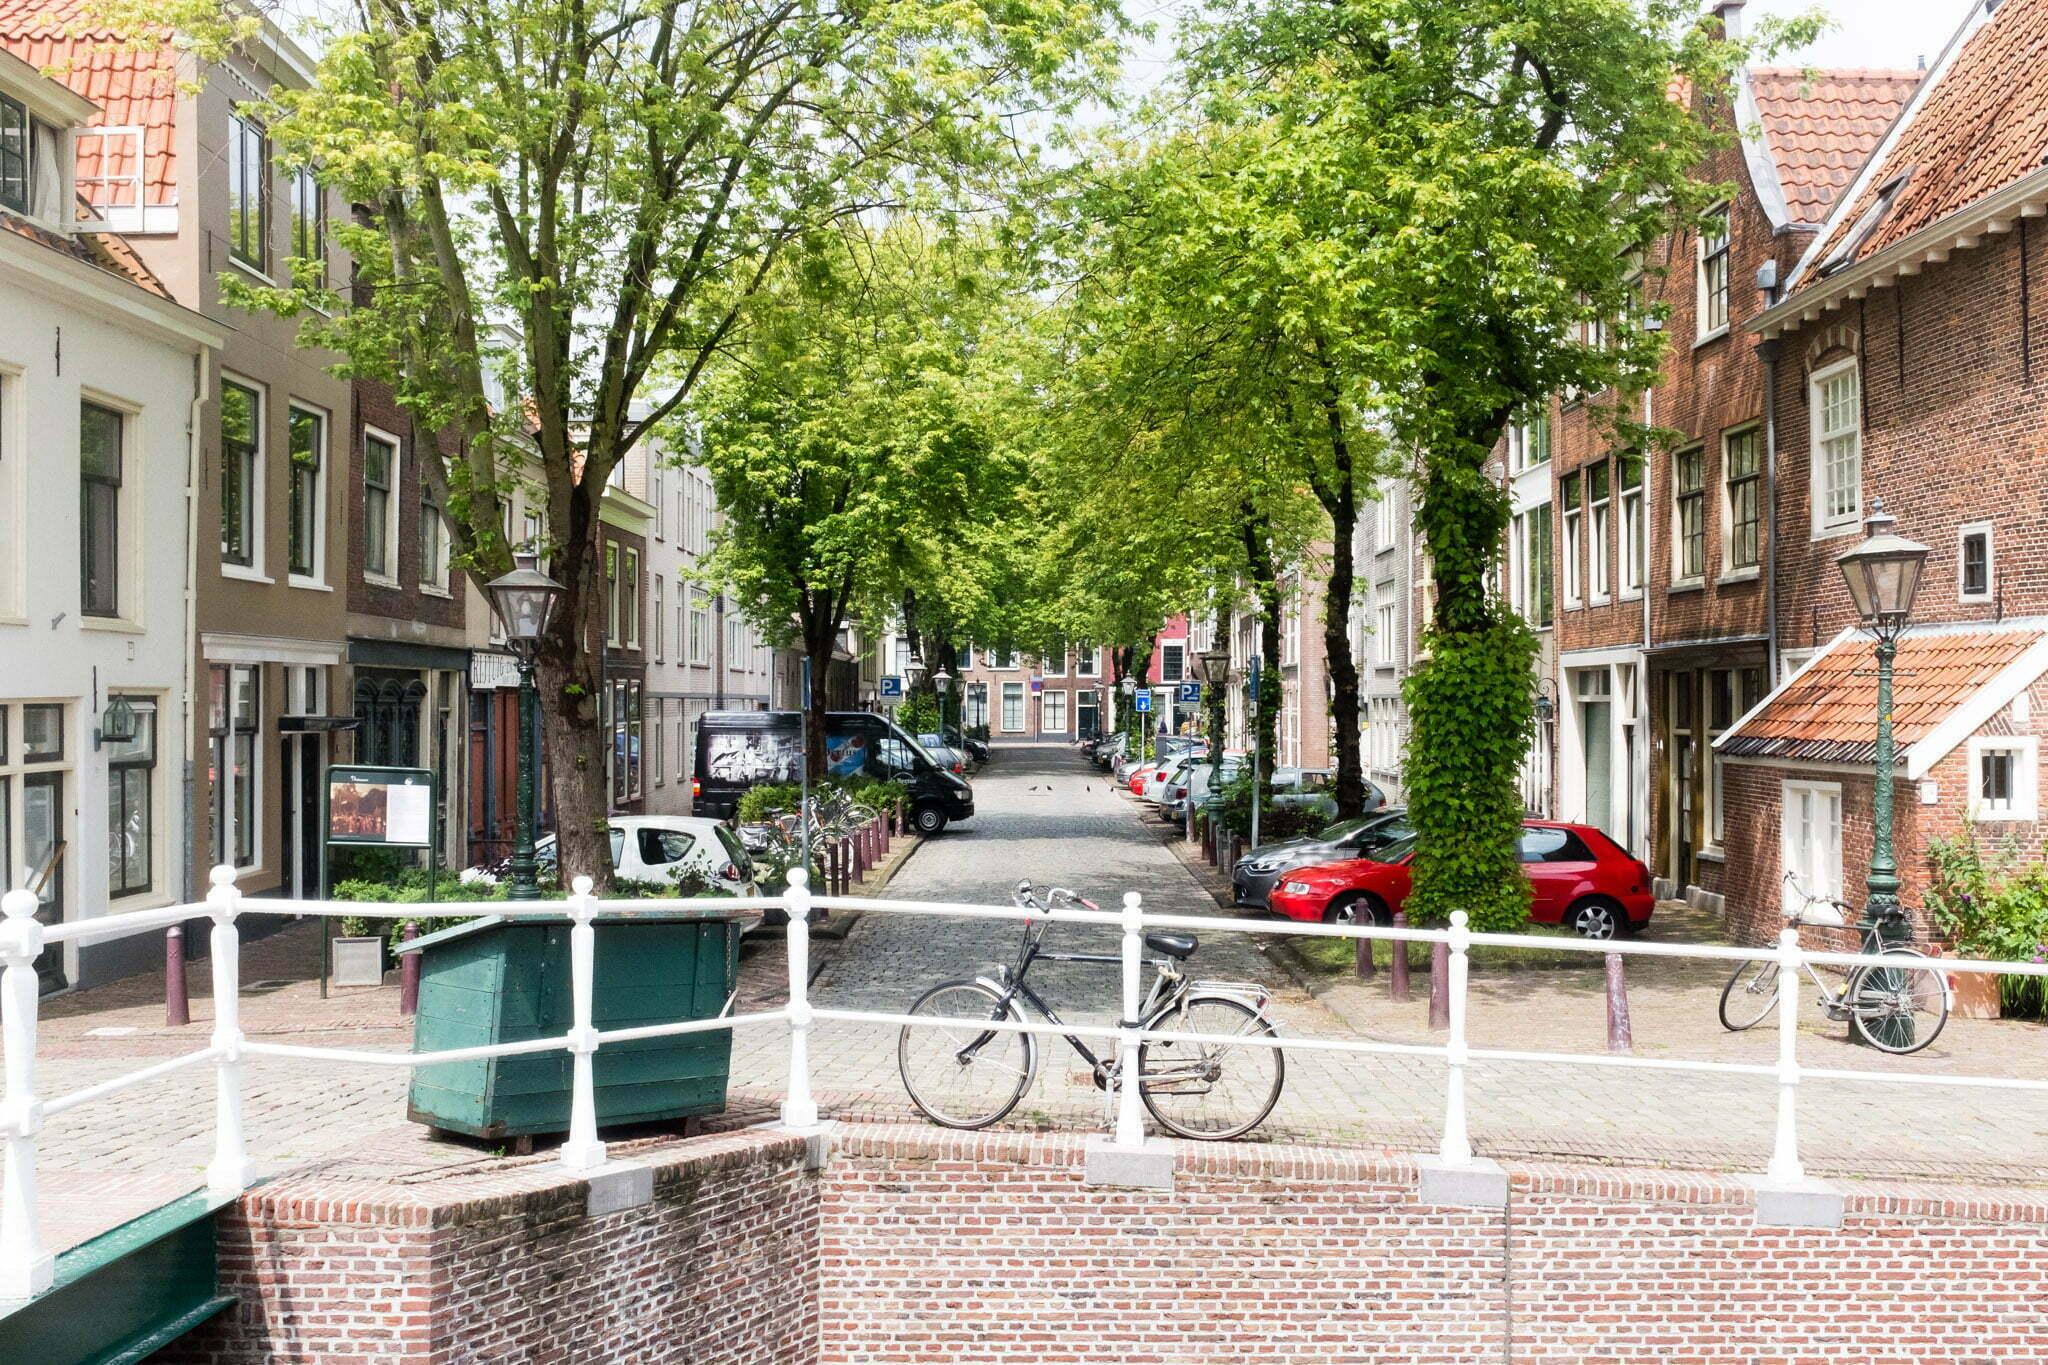 leiden-netherlands-2166-pete-carr